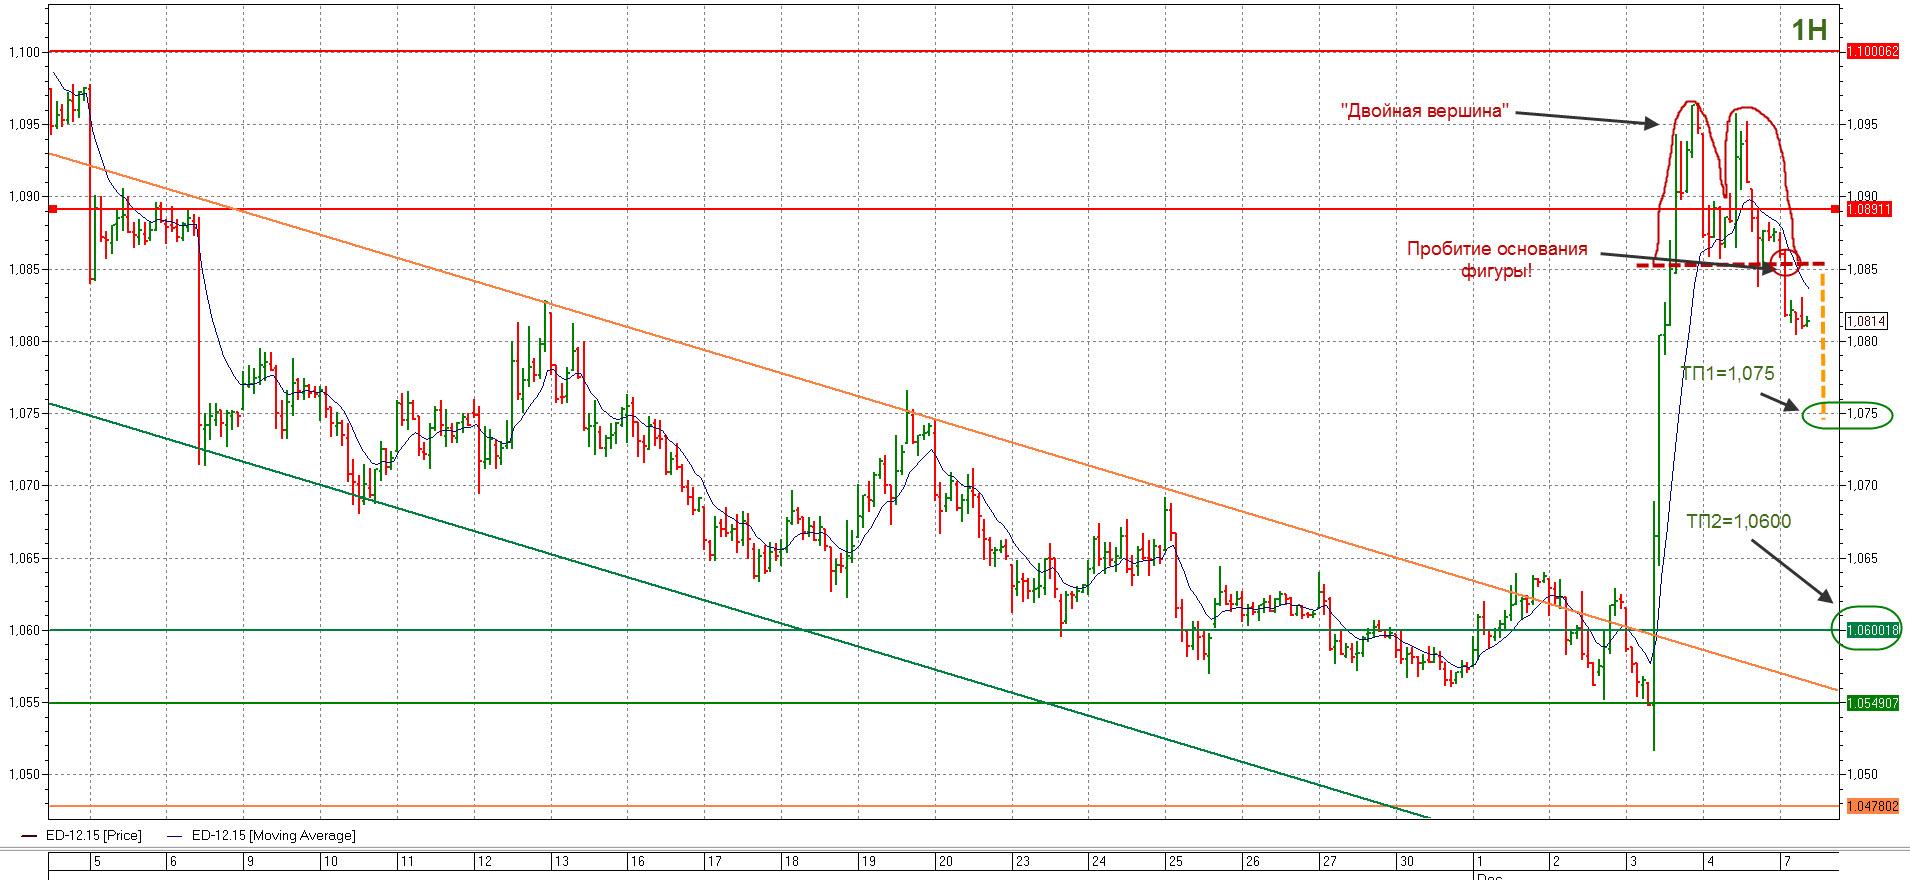 динамика евро-доллара